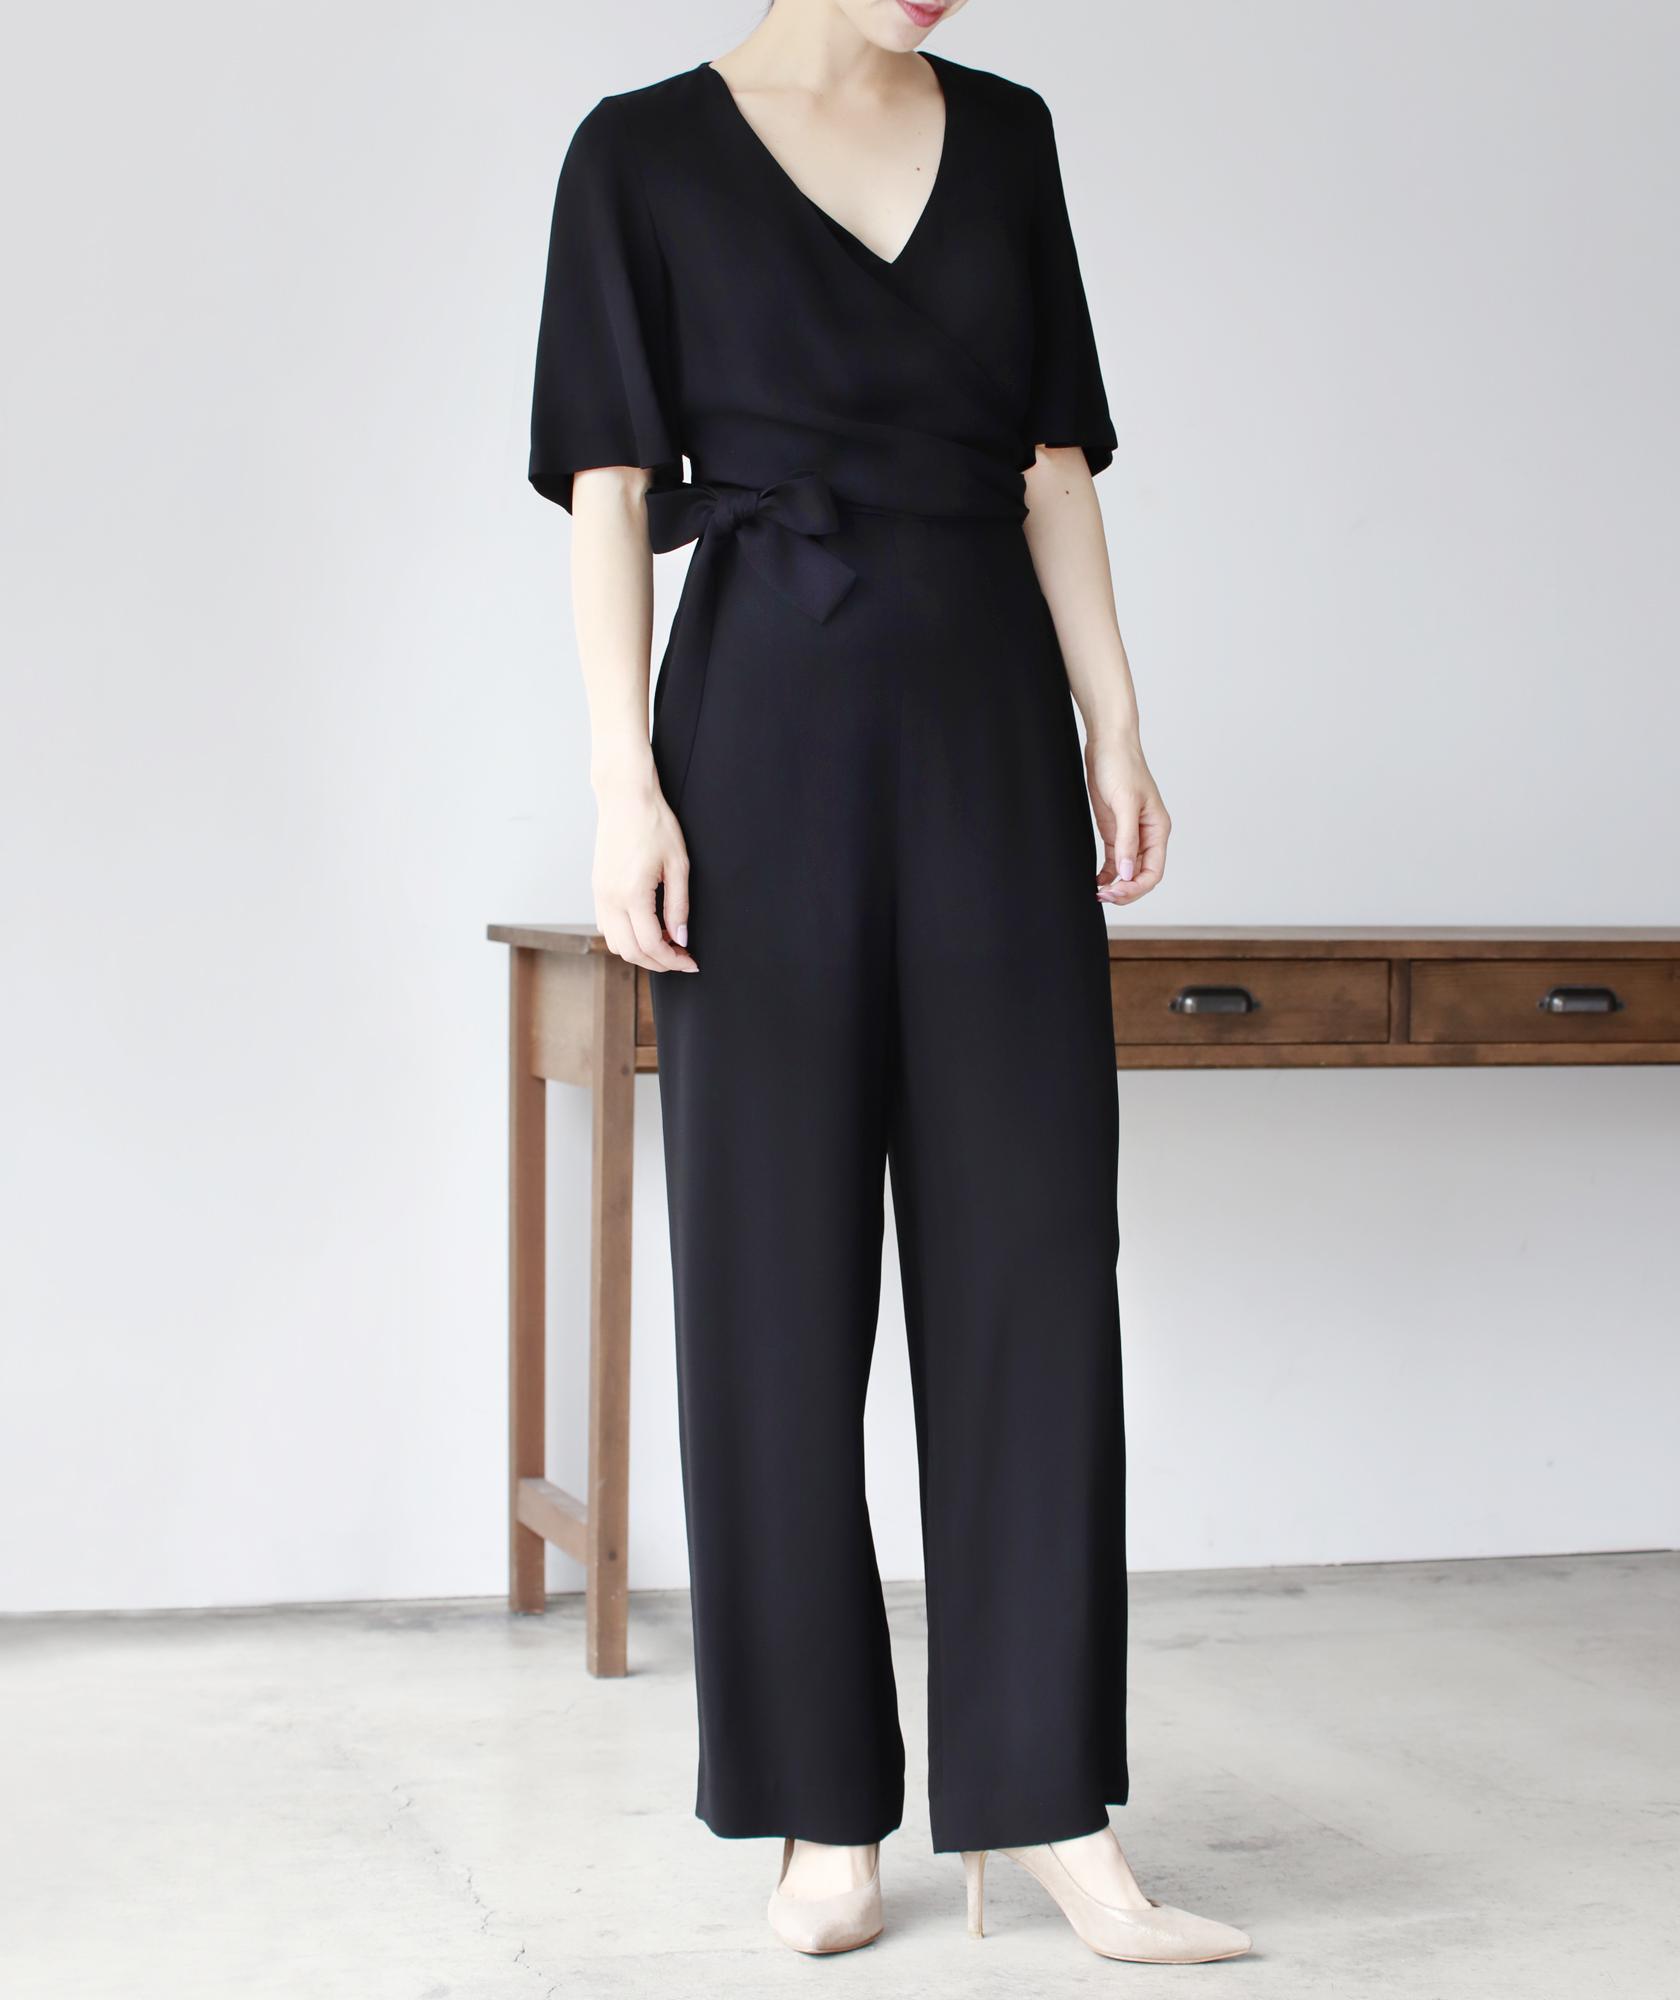 カシュクールサイドリボンVネックパンツドレス-ブラック-XS